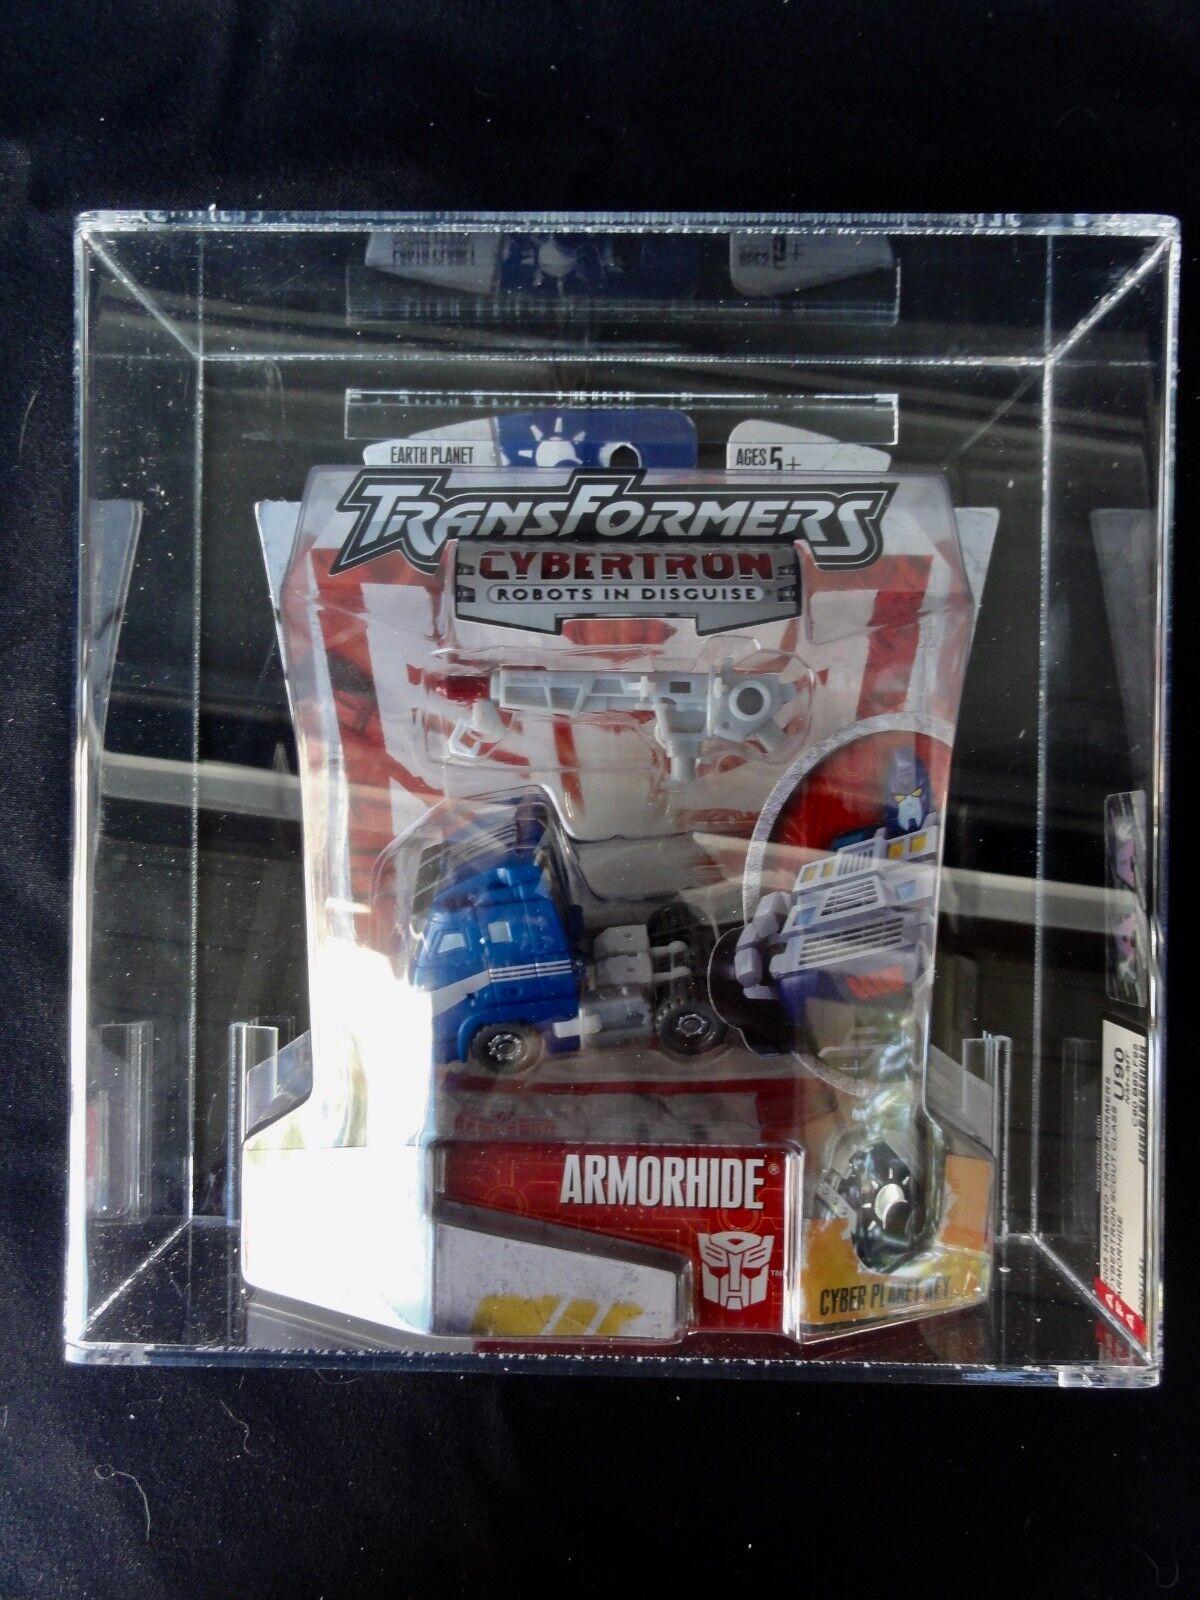 2005 Transformers Transformers Transformers AFA Cybertron Armorhide Tape Sealed MISB MIB BOX 1fa1b0